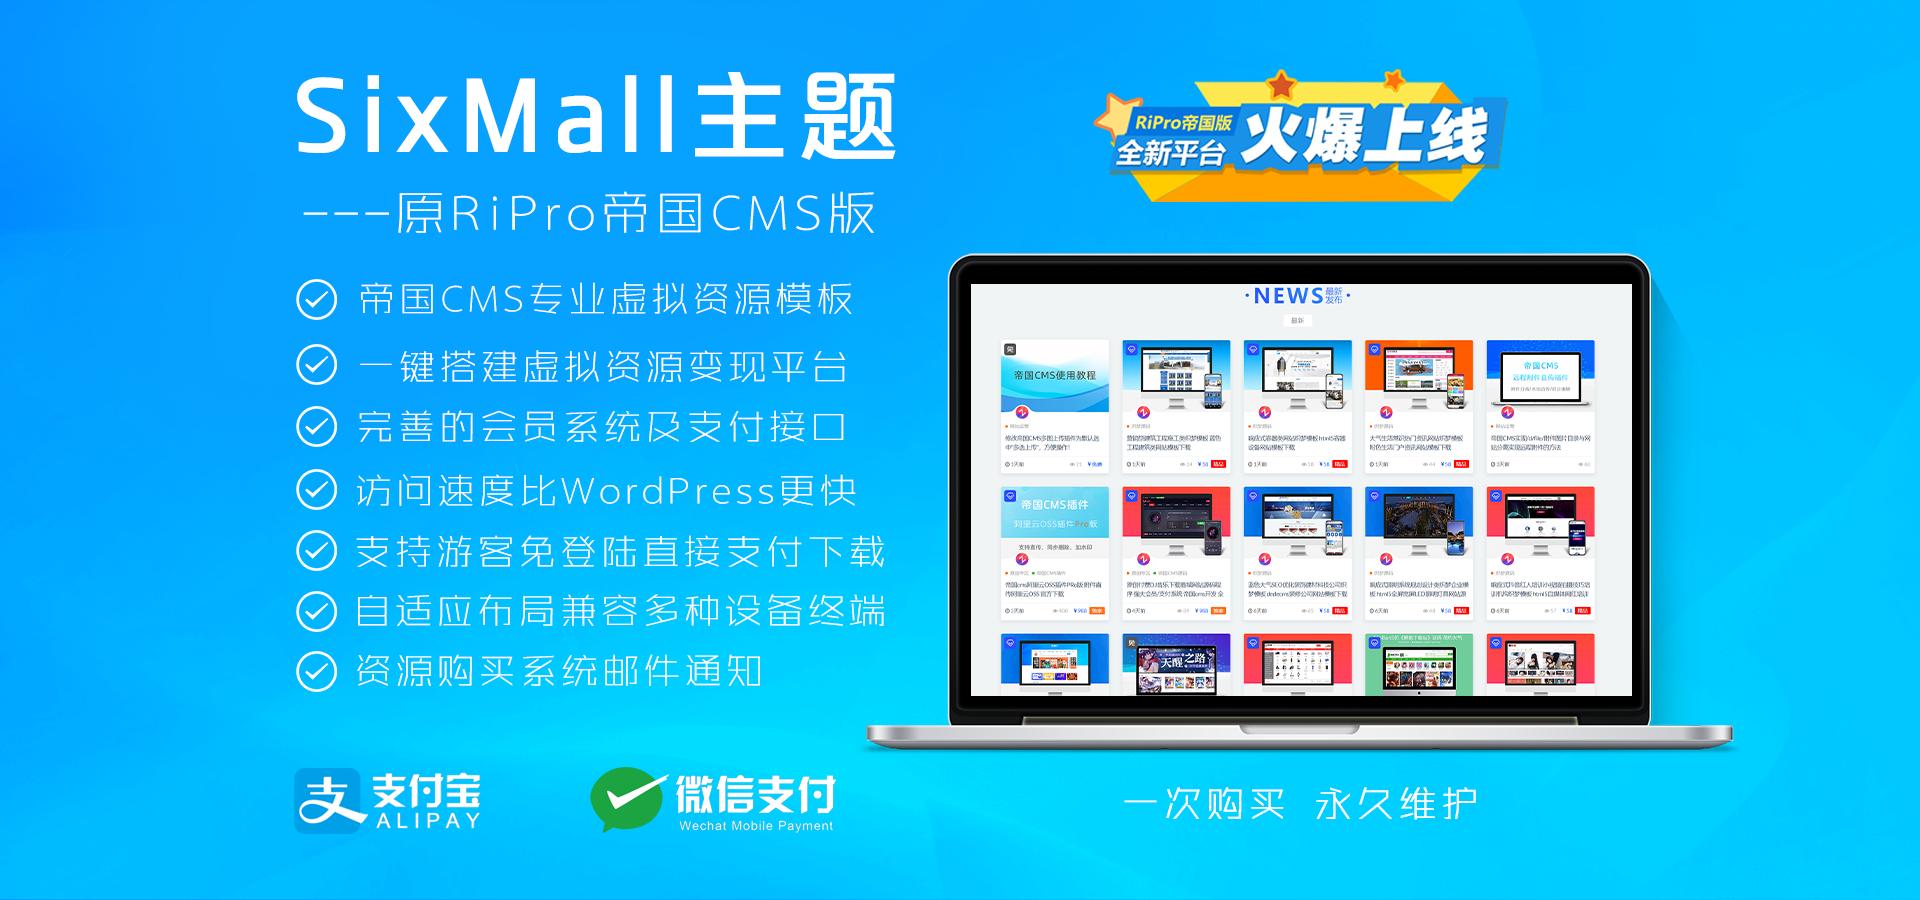 帝国cms7.5 SixMall多功能商城源码2.2(原RiPro主题帝国CMS版) 原创专业虚拟收费资源模板商城源码 官方下载